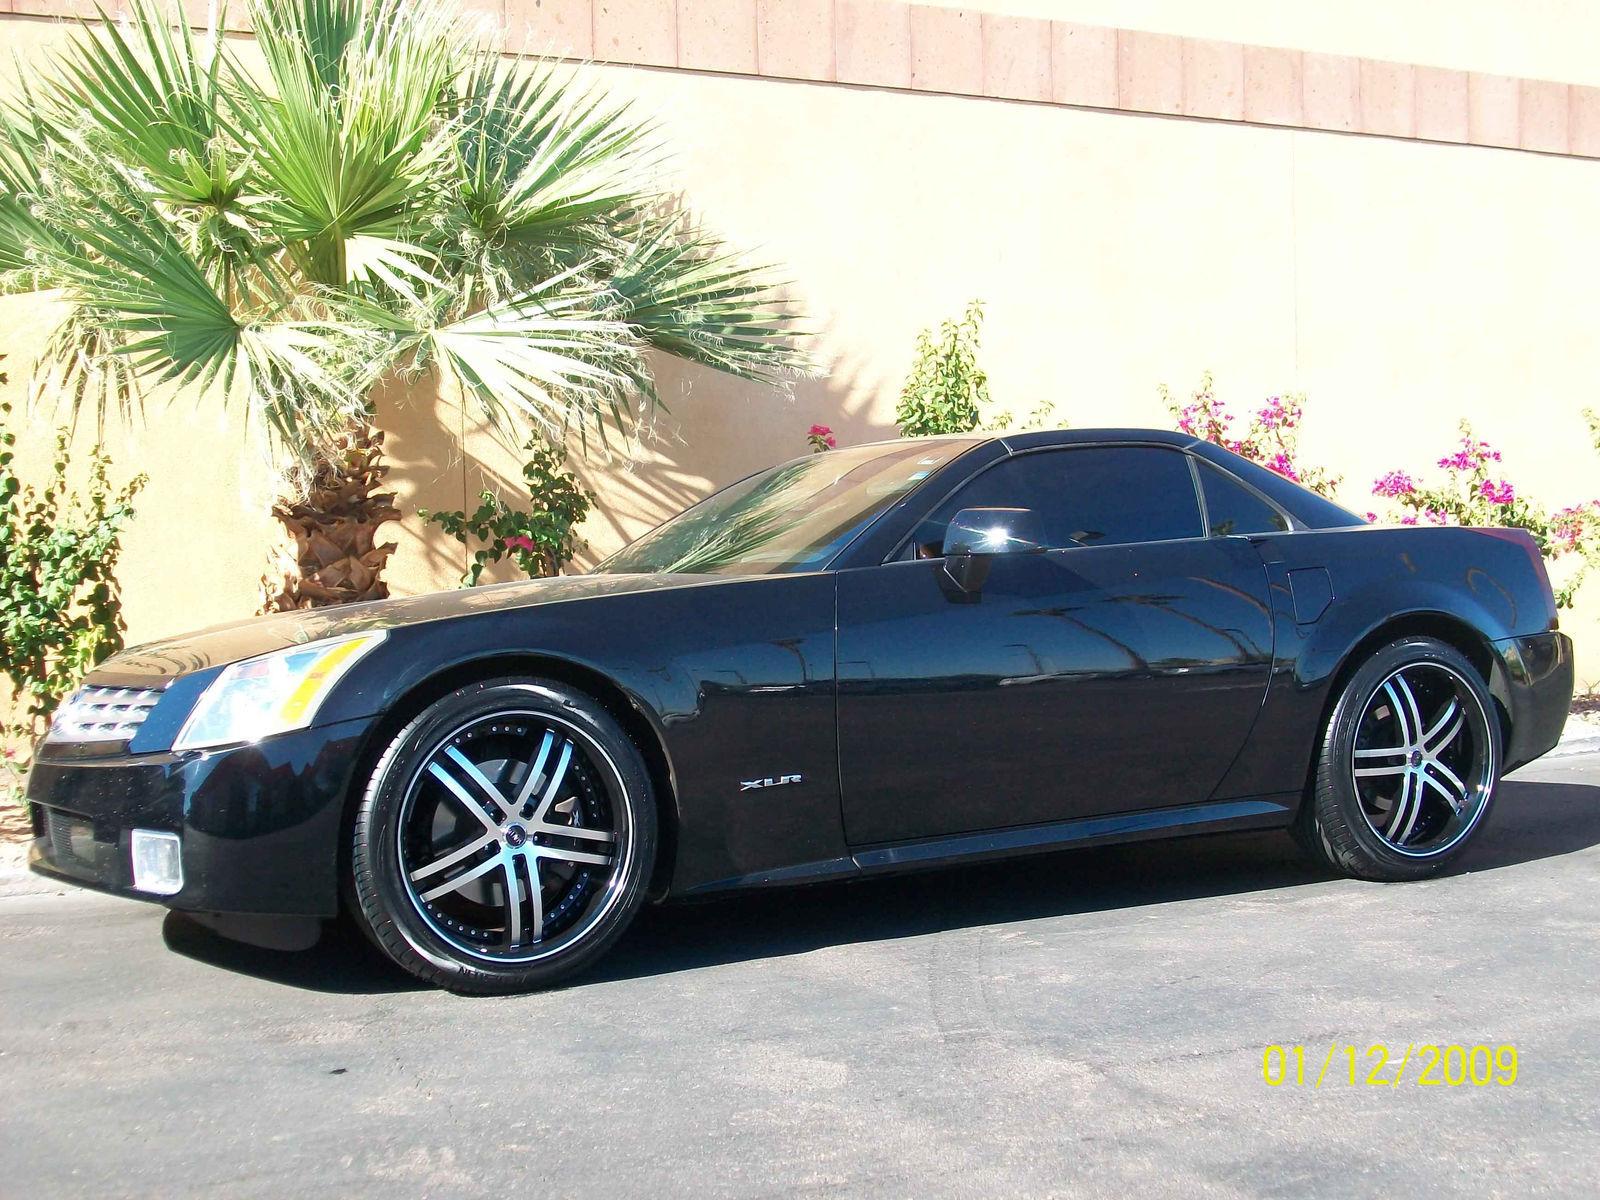 2008 Cadillac XLR | Cadillac XLR